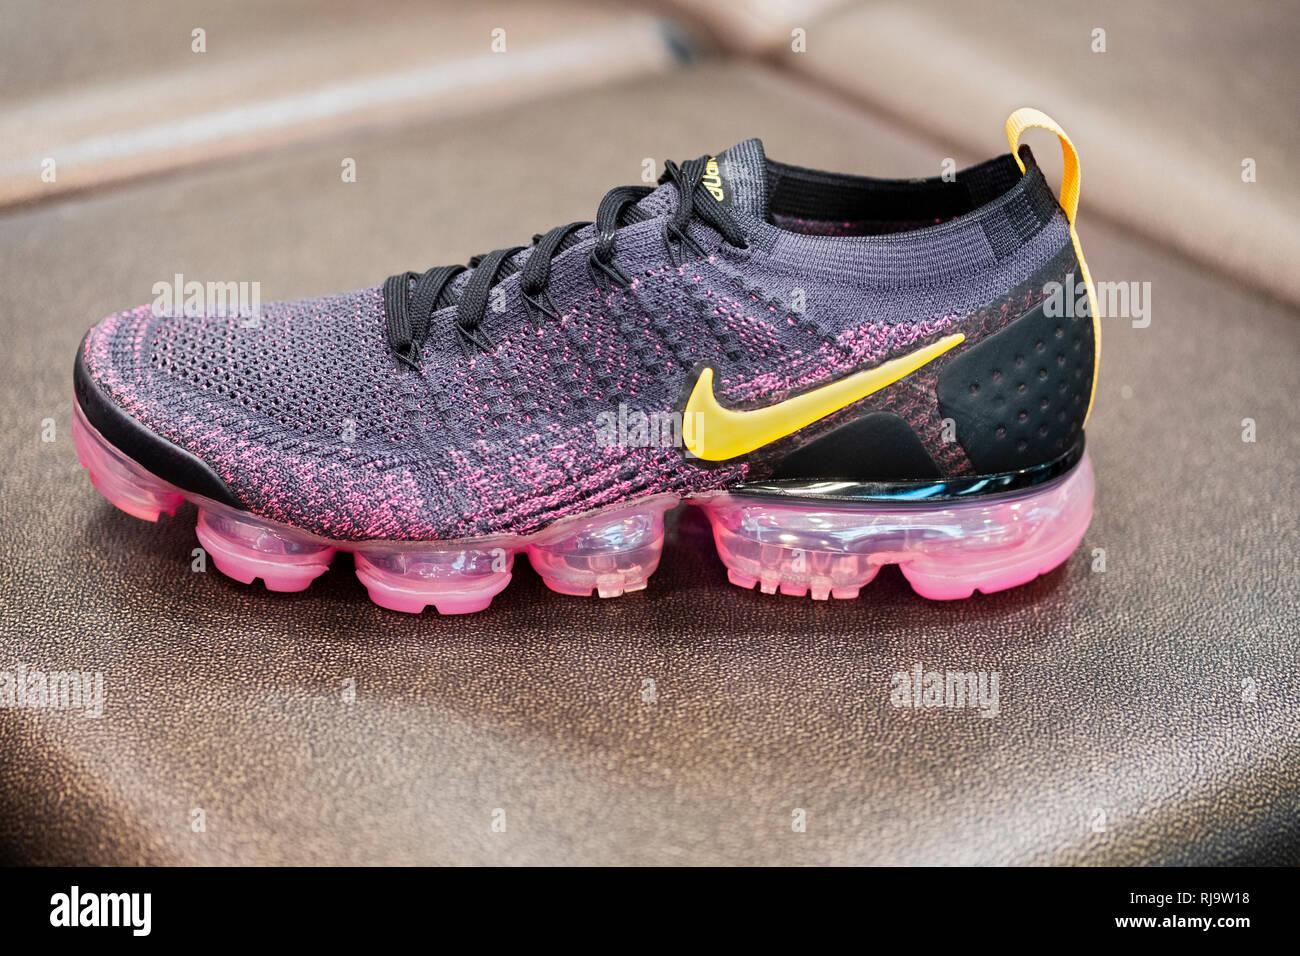 Ein Nike Vapormax Schuh, der für $ 190 ein Paar verkauft. In